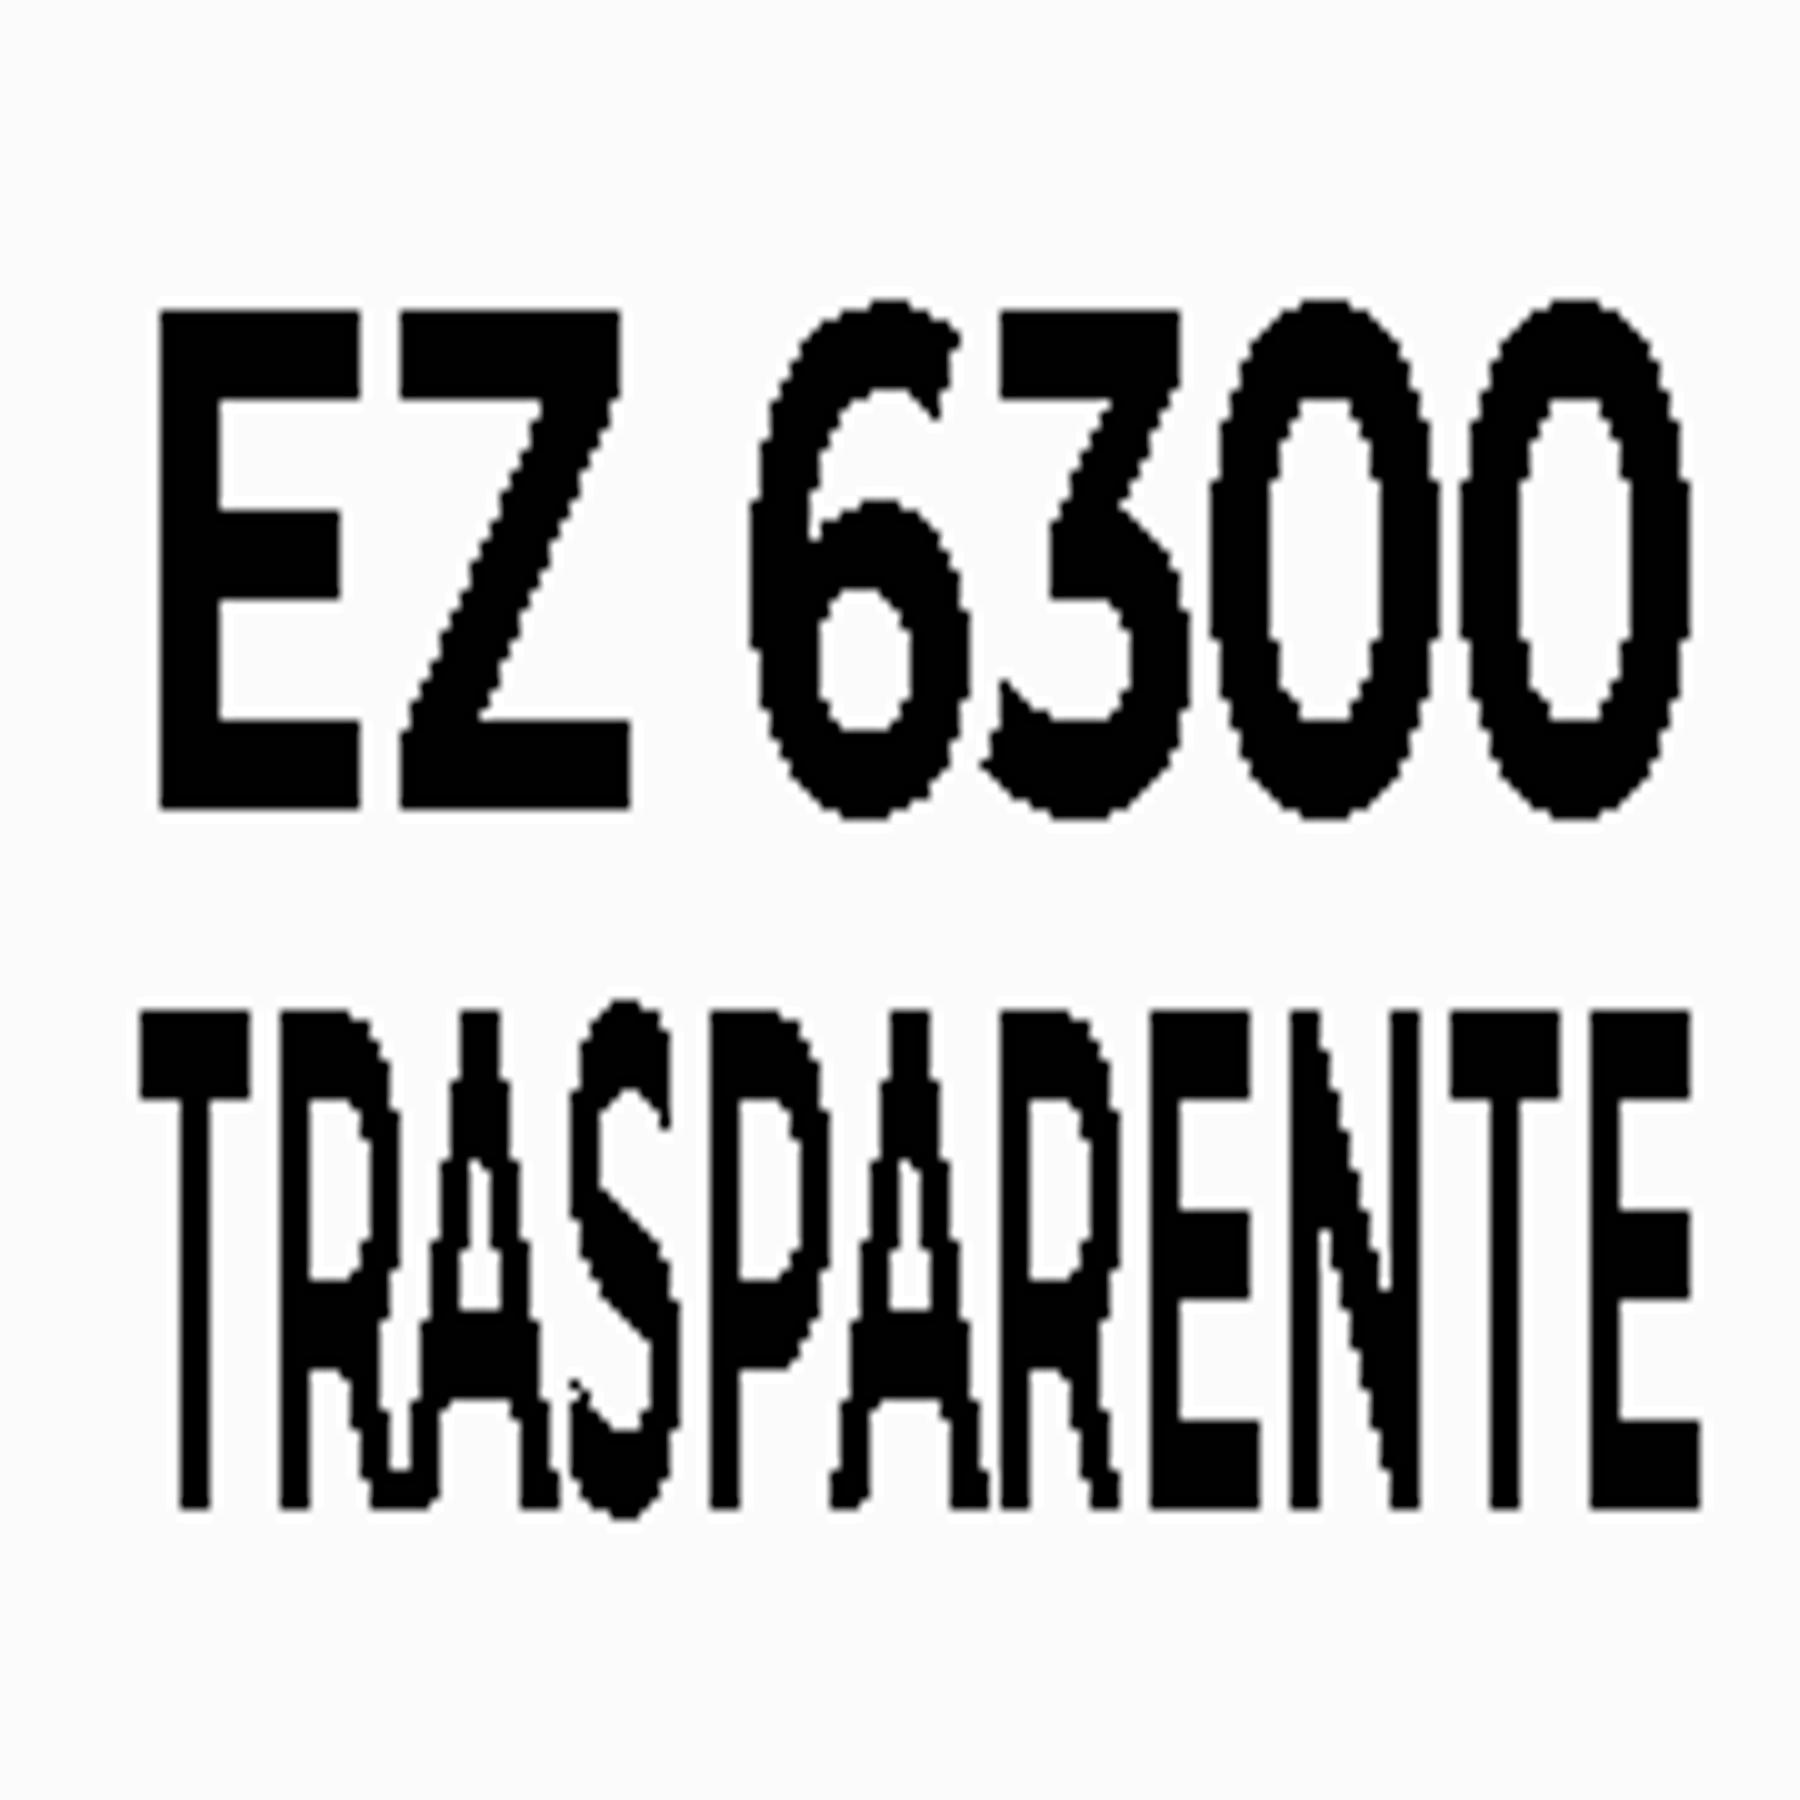 EZ 6300 - INCOLORE